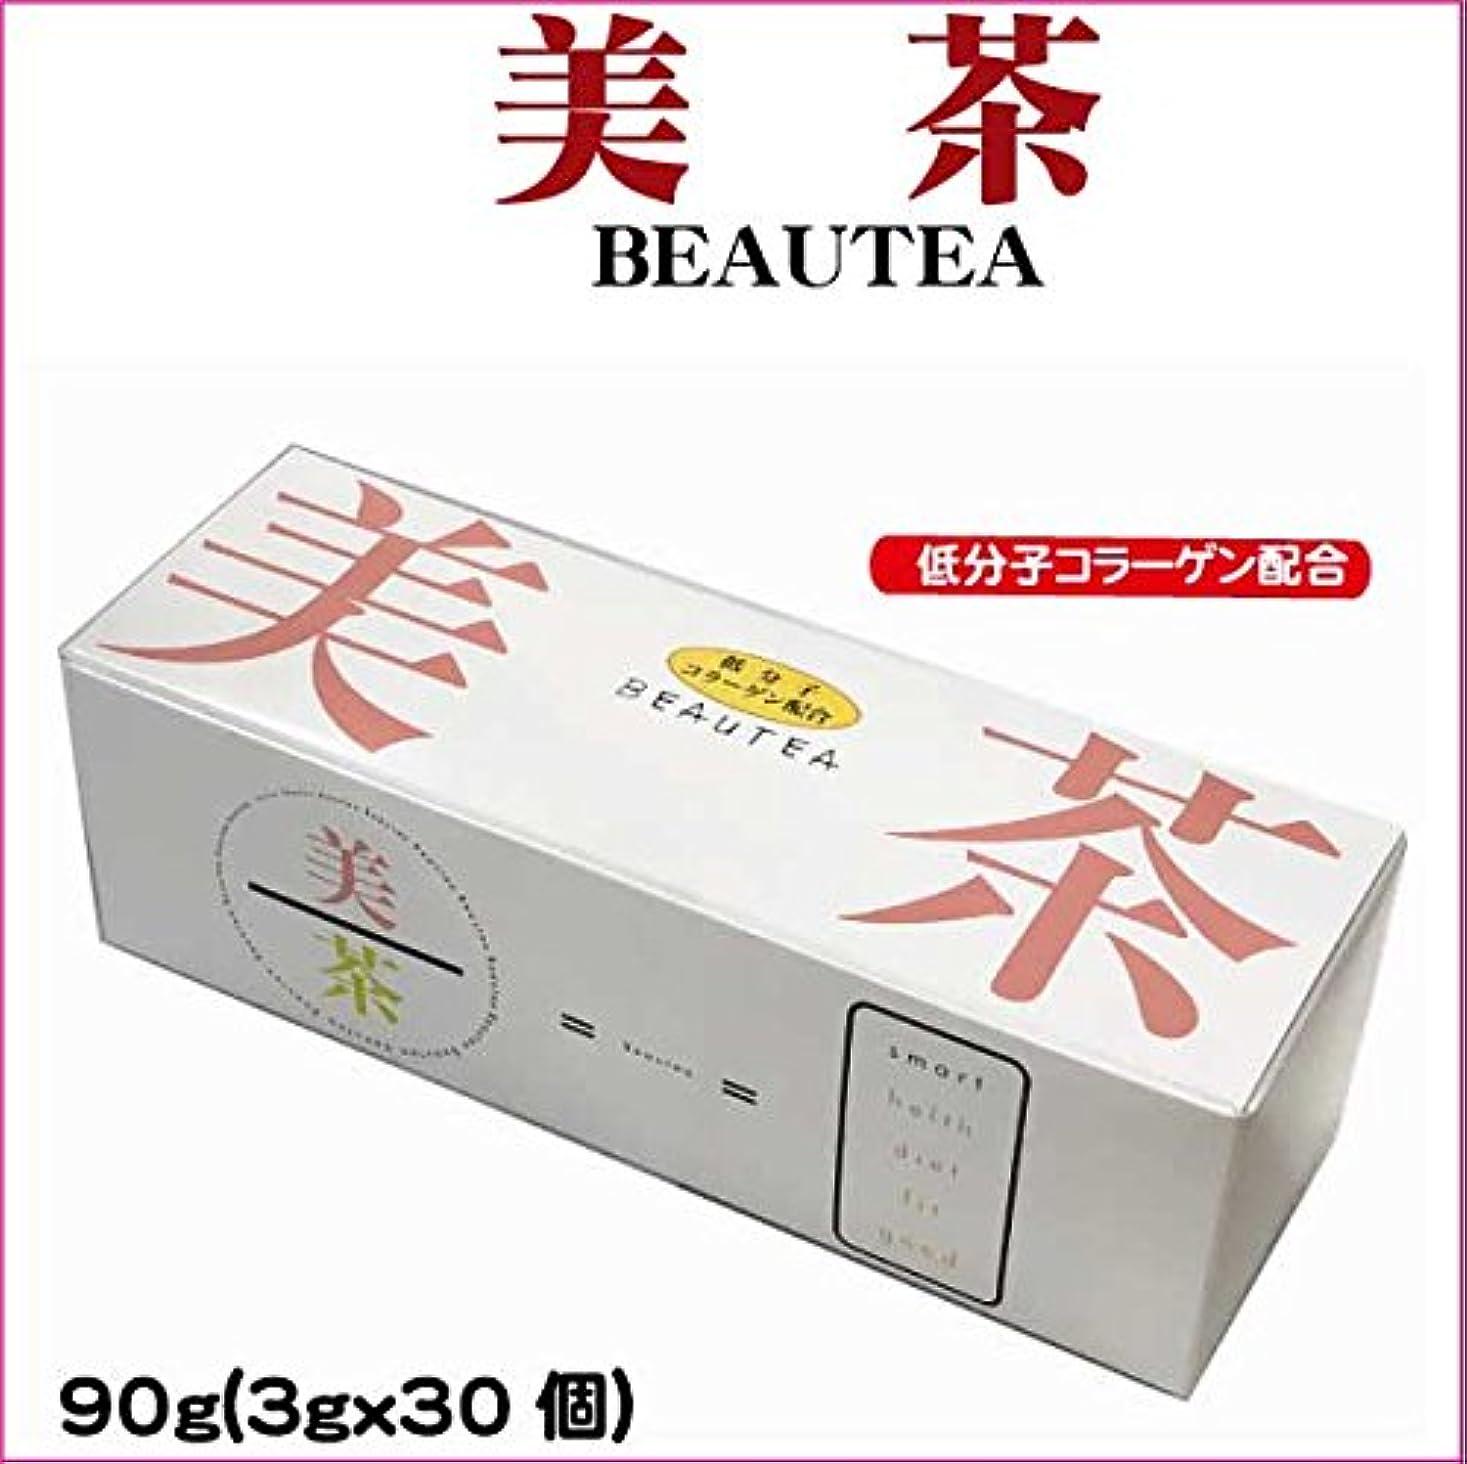 アヒル凝視例示するダイエット茶  美茶(beautea)  ほうじ茶ベース?3gX30包み 1箱